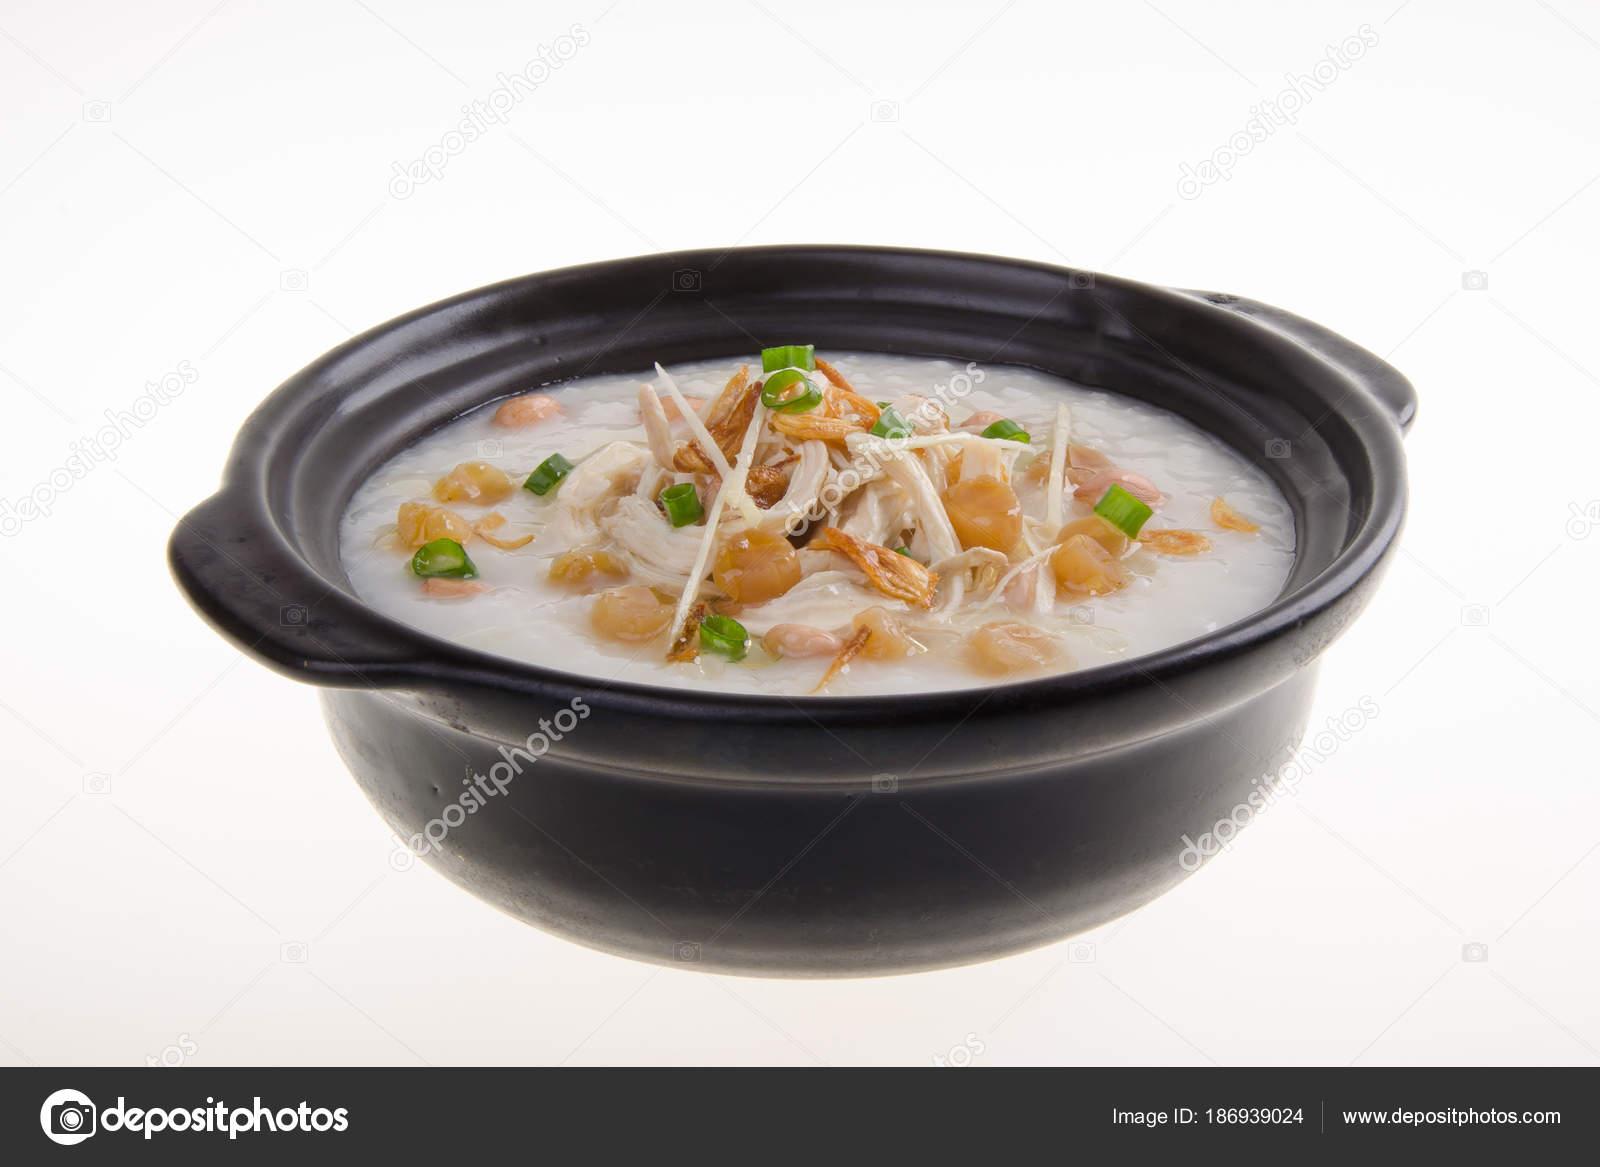 Рисовая диета: меню на неделю, каждый день в домашних условиях.